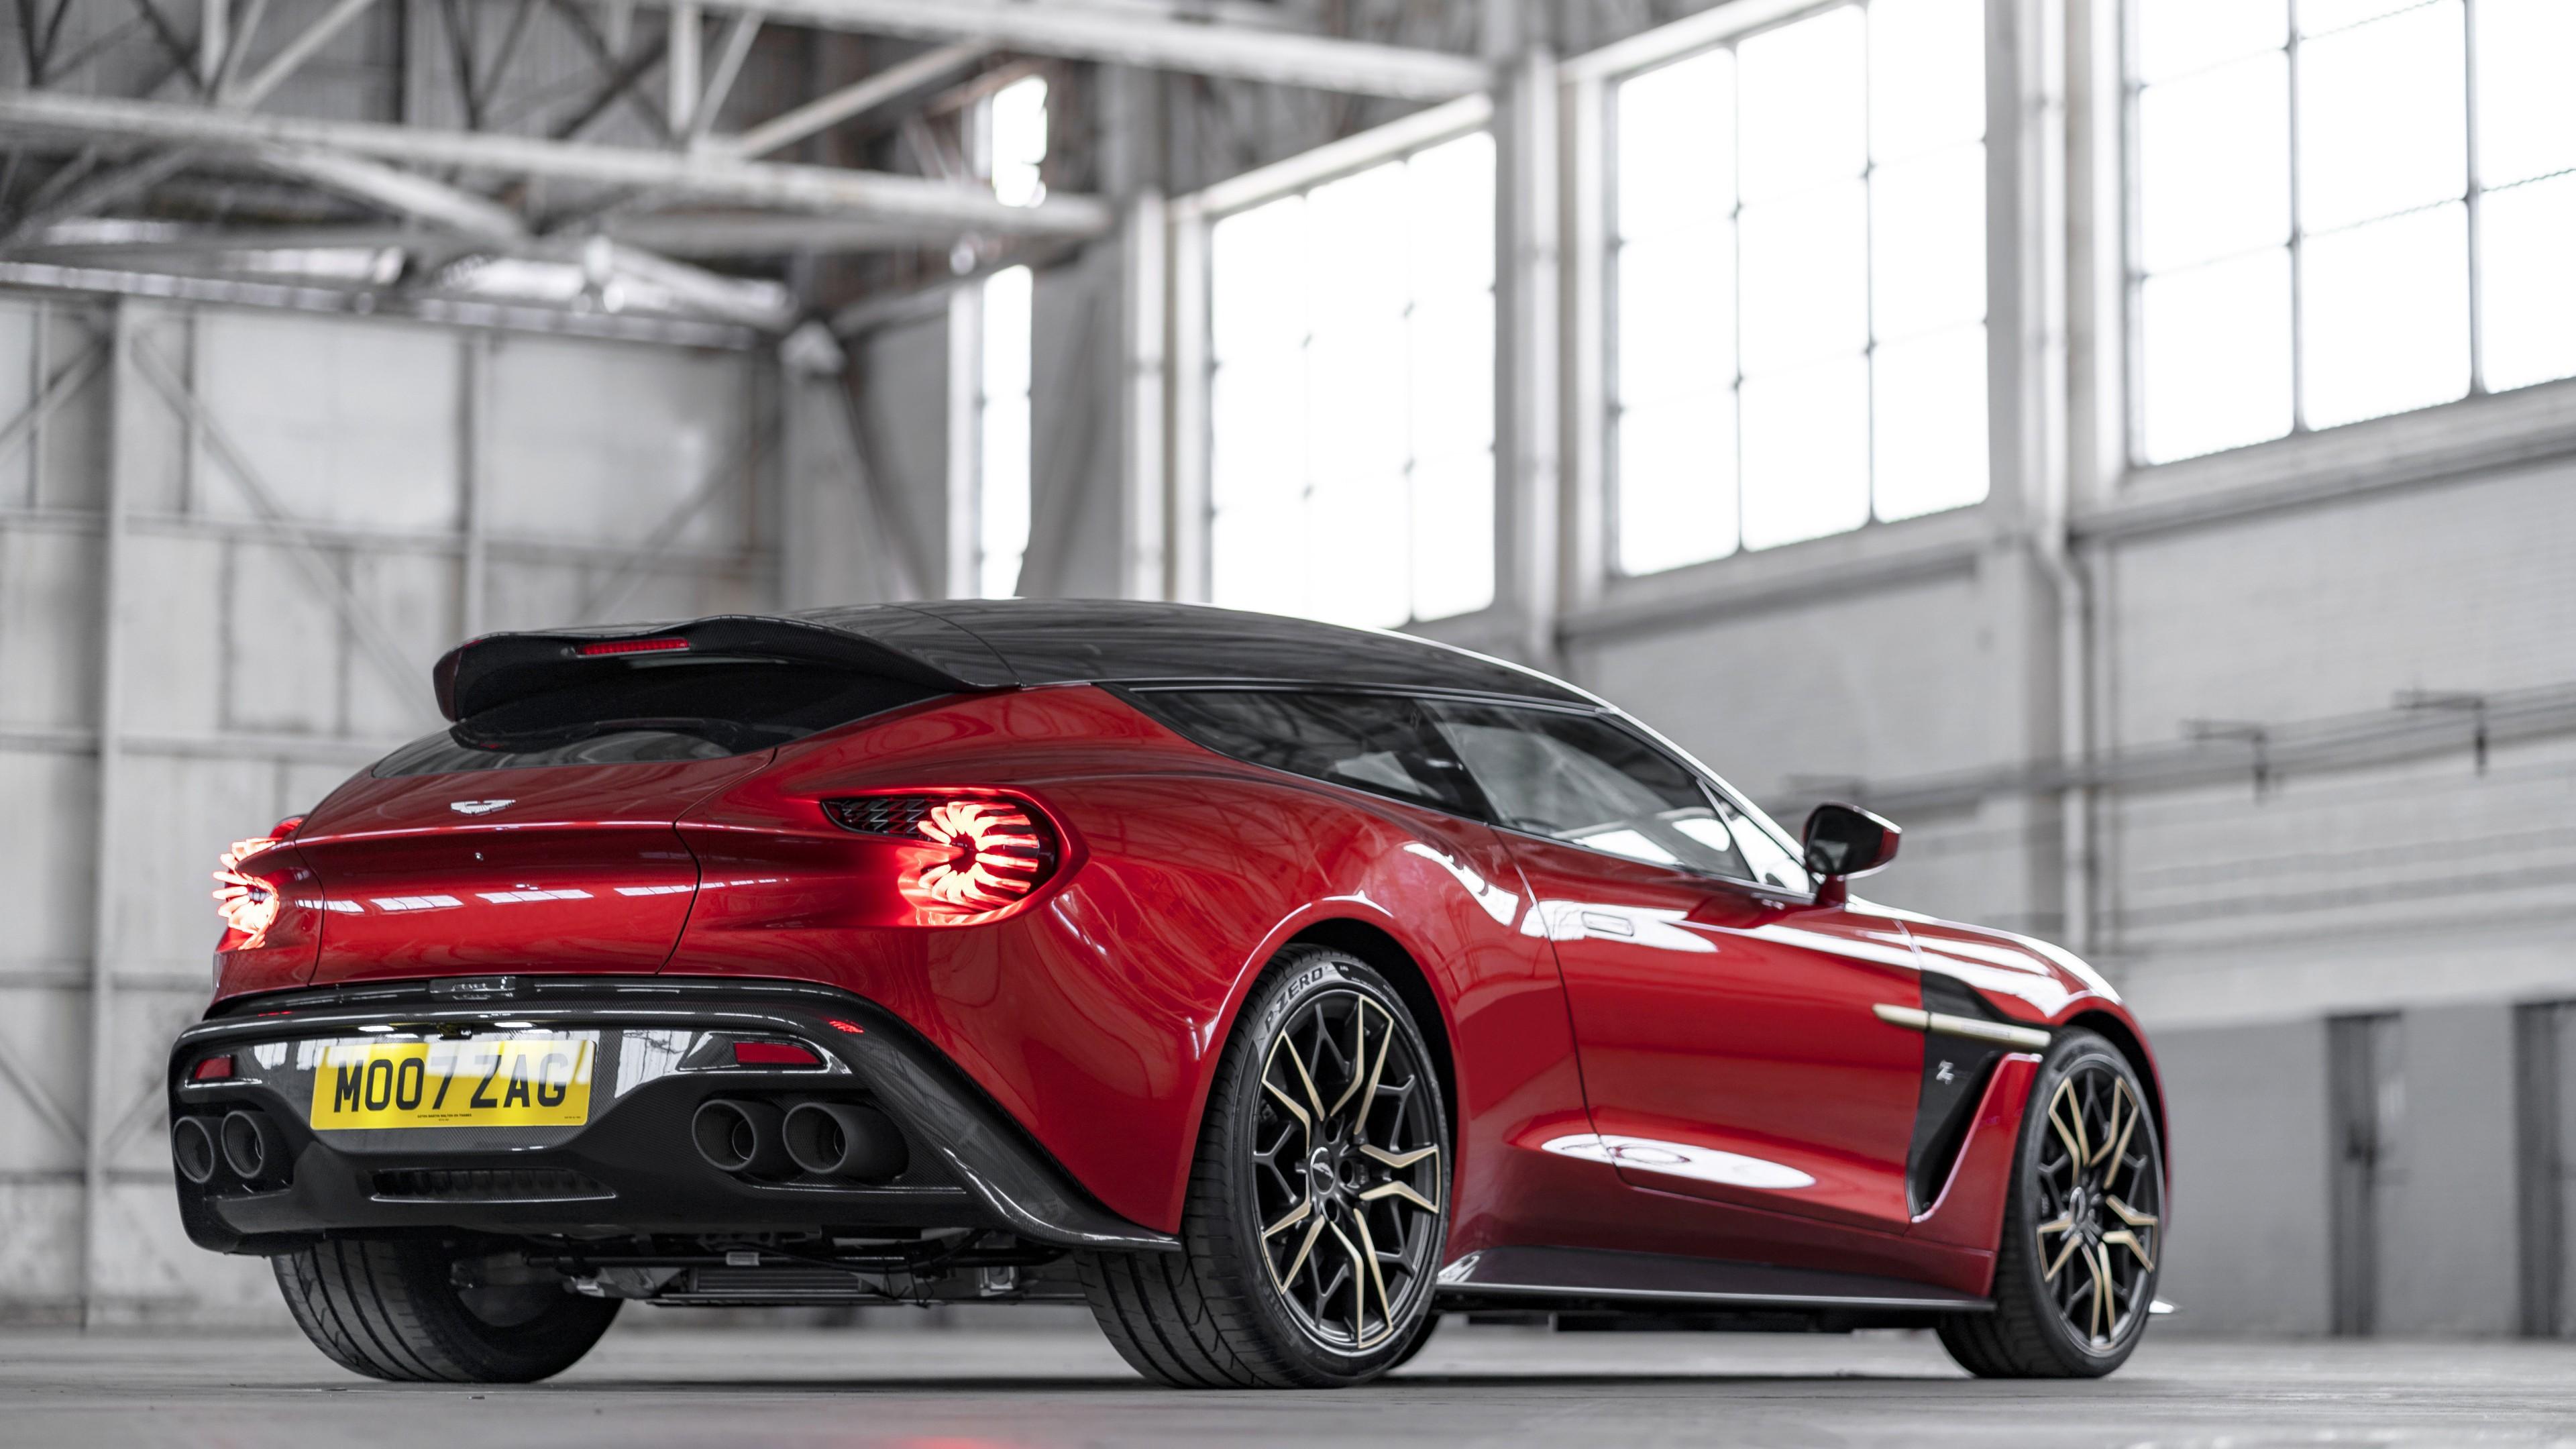 Aston Martin Vanquish Zagato Shooting Brake 2019 4K ...